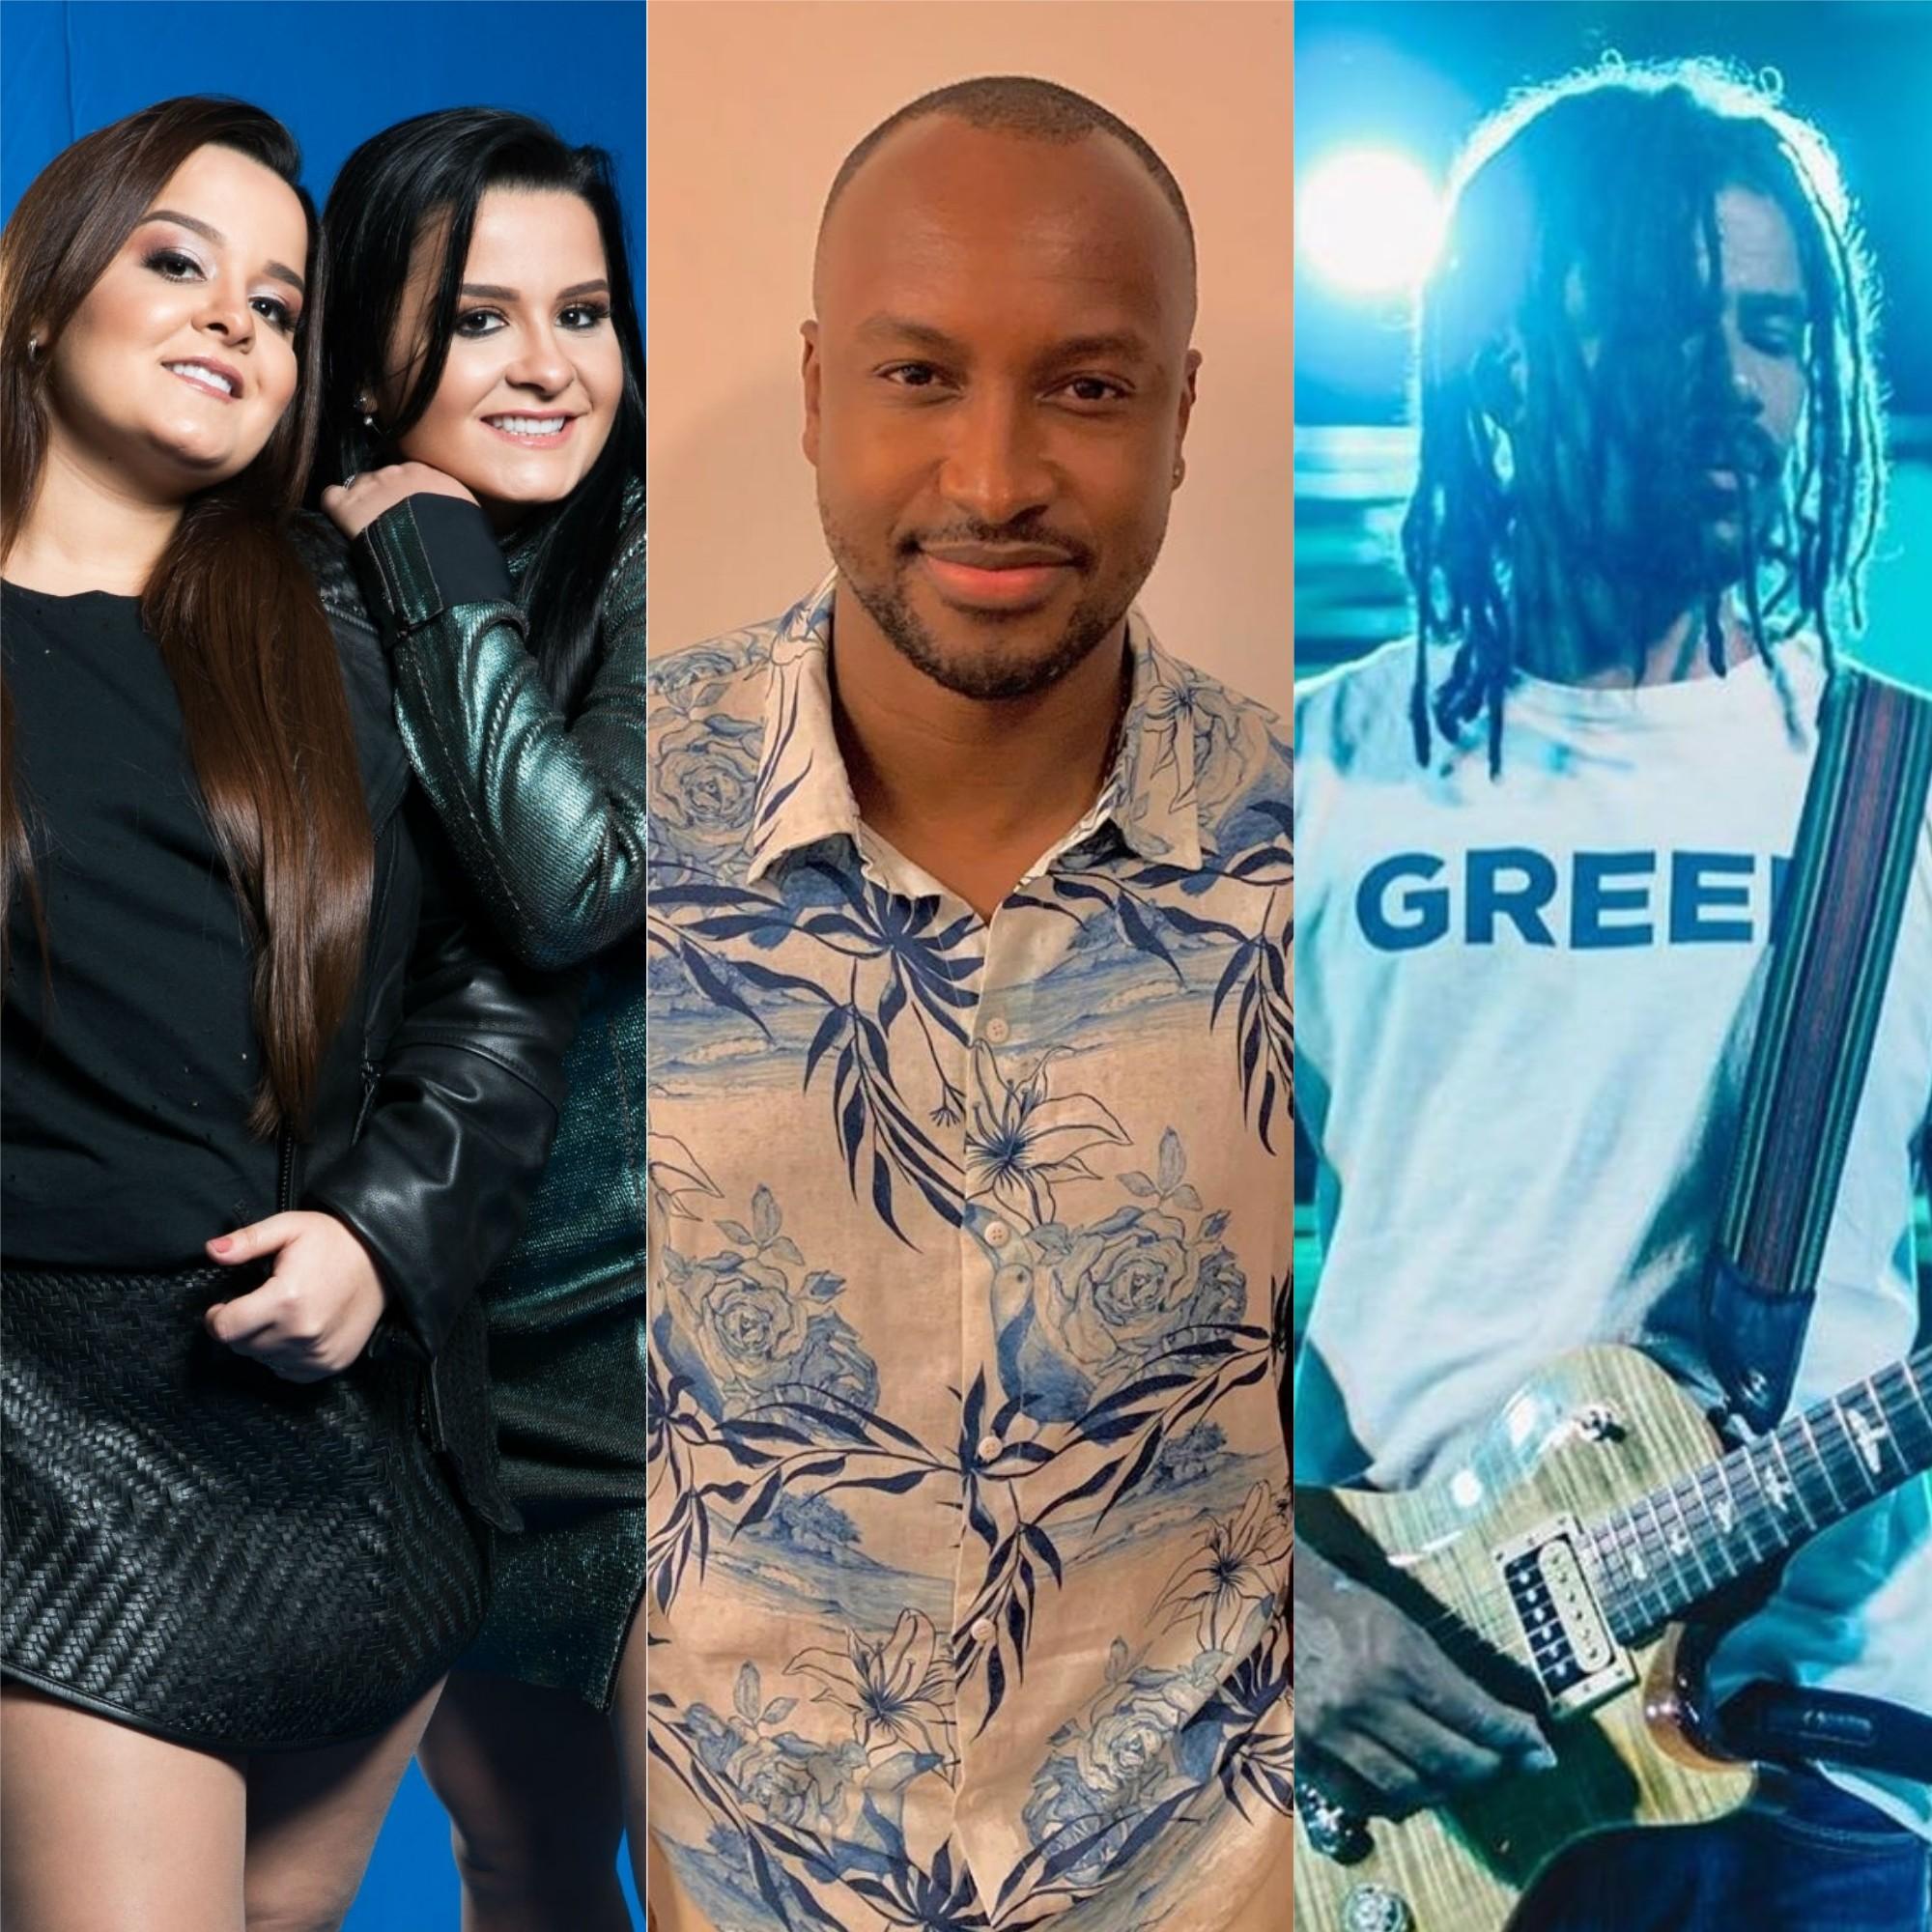 Lives de hoje: Maiara e Maraisa, Thiaguinho, Natiruts e mais shows para ver em casa